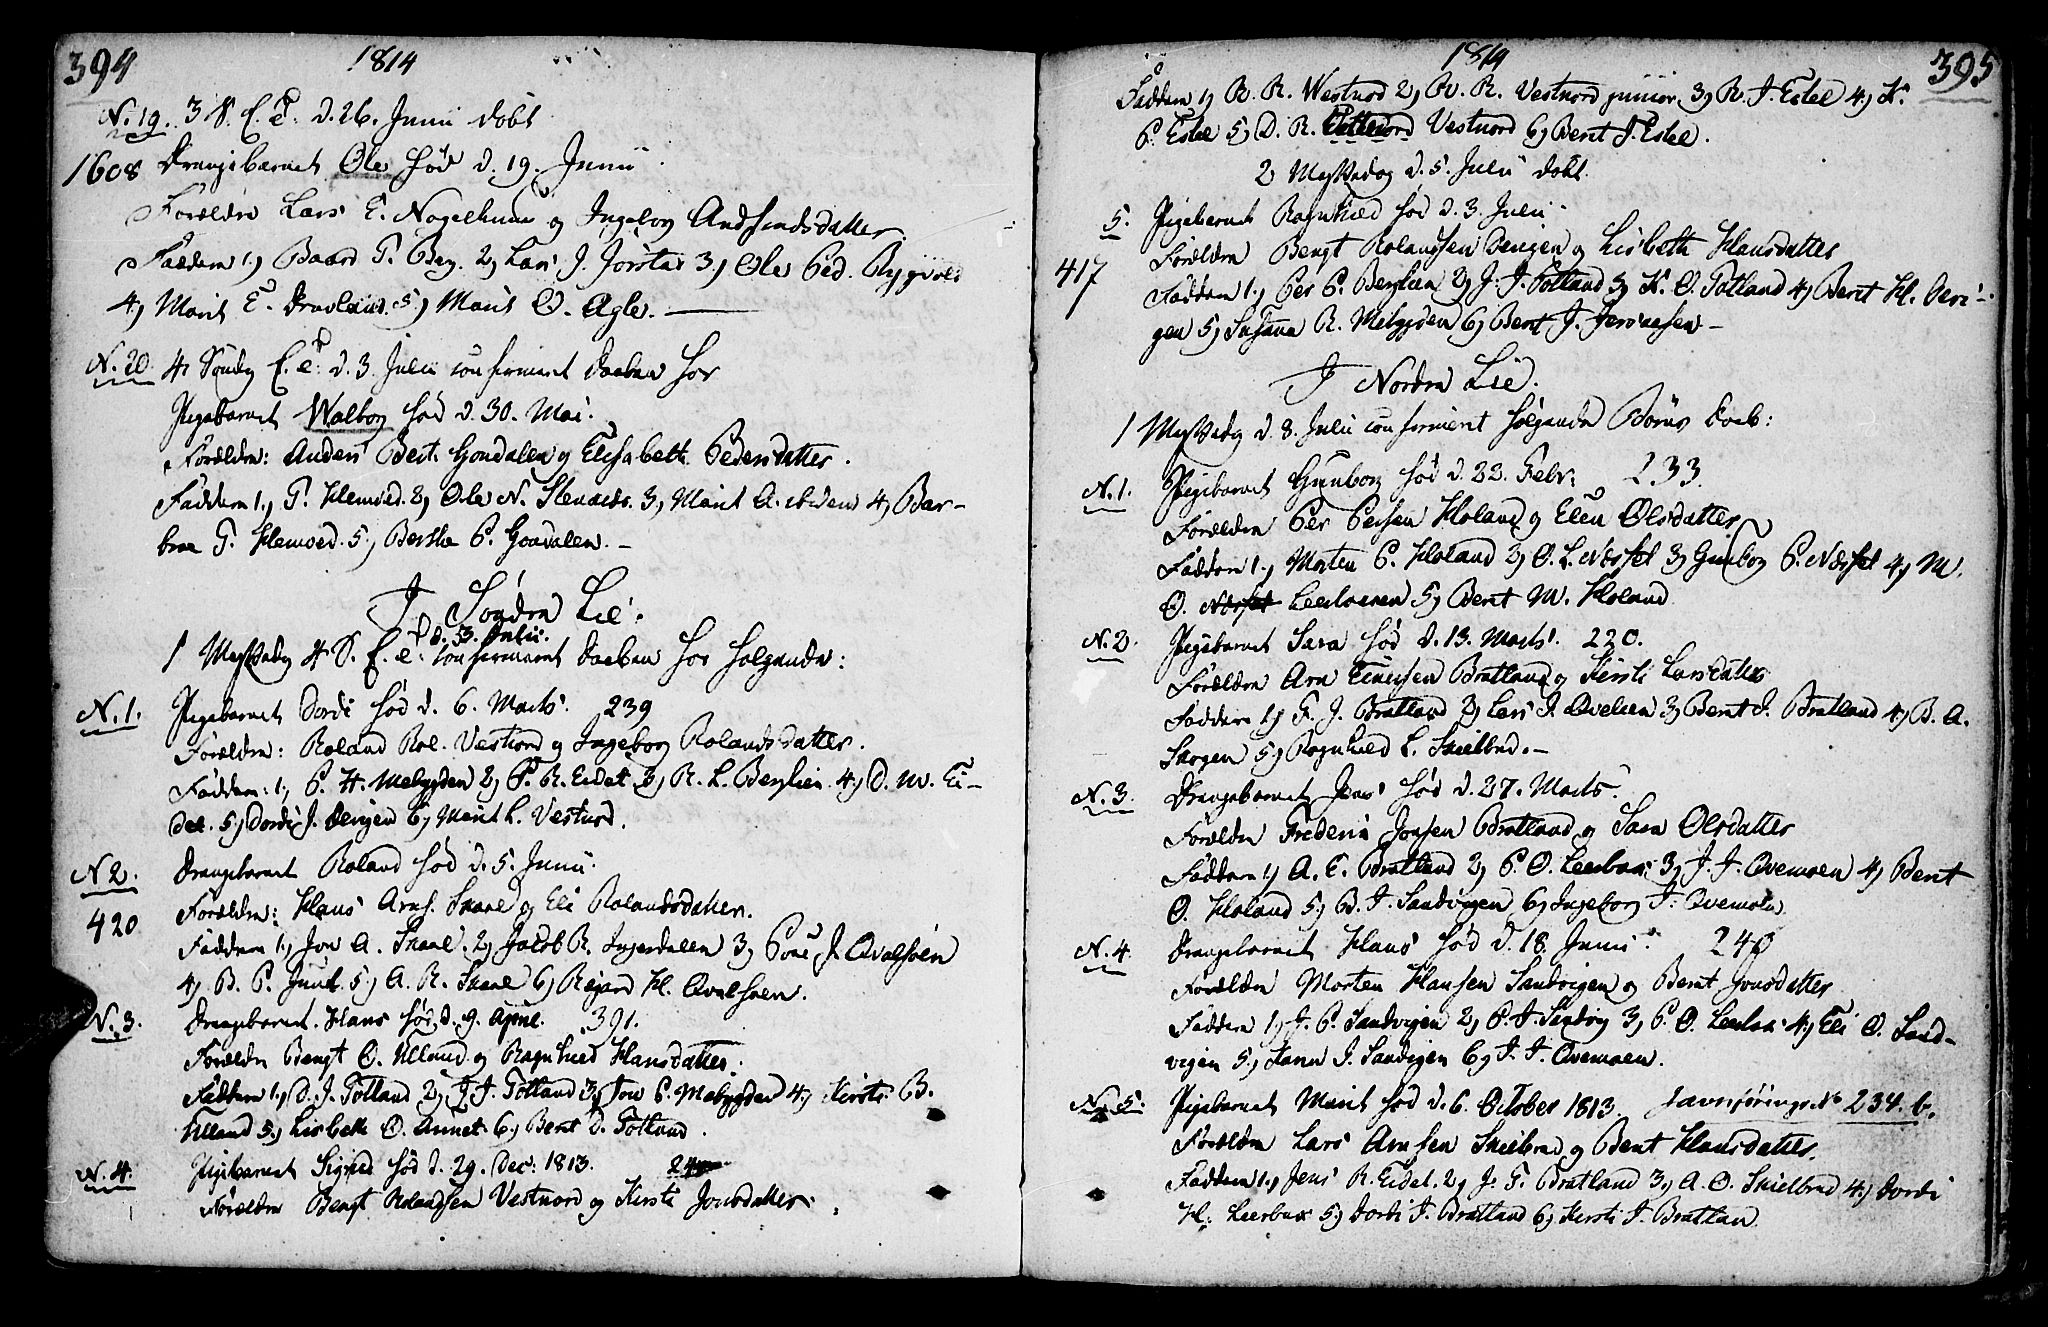 SAT, Ministerialprotokoller, klokkerbøker og fødselsregistre - Nord-Trøndelag, 749/L0468: Ministerialbok nr. 749A02, 1787-1817, s. 394-395